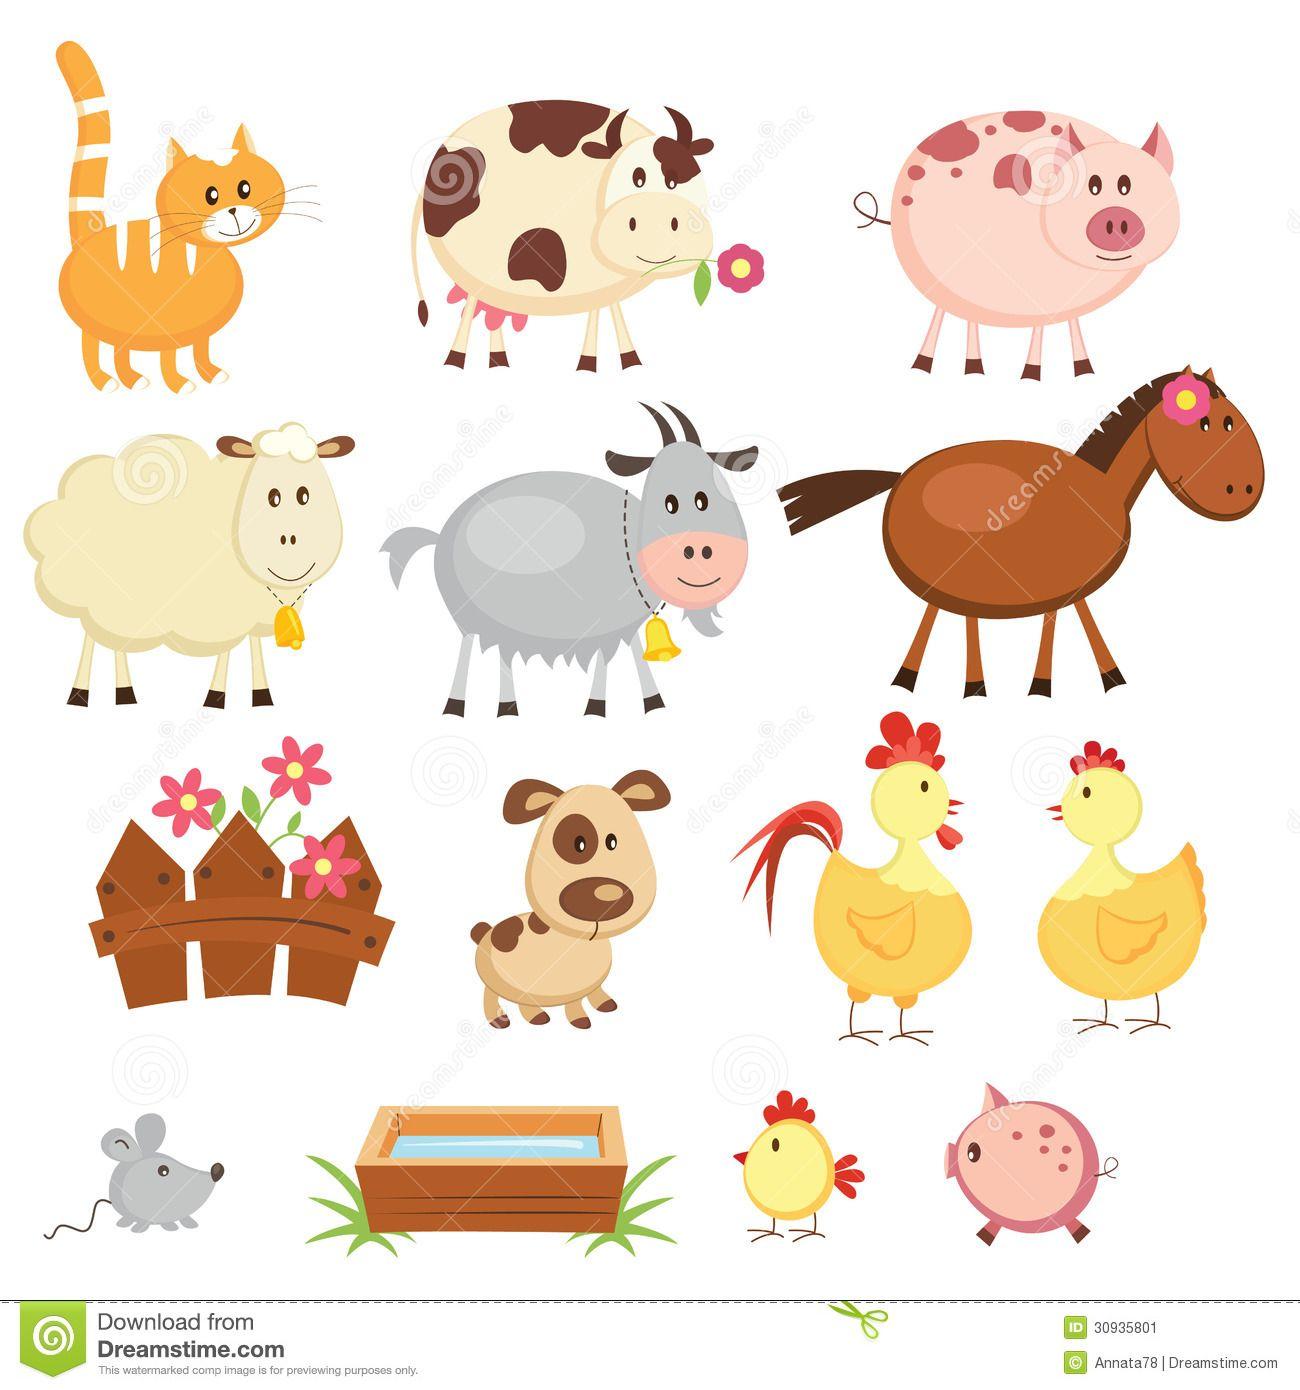 farm animal cartoon pictures Googlehaku Eläinkuvia